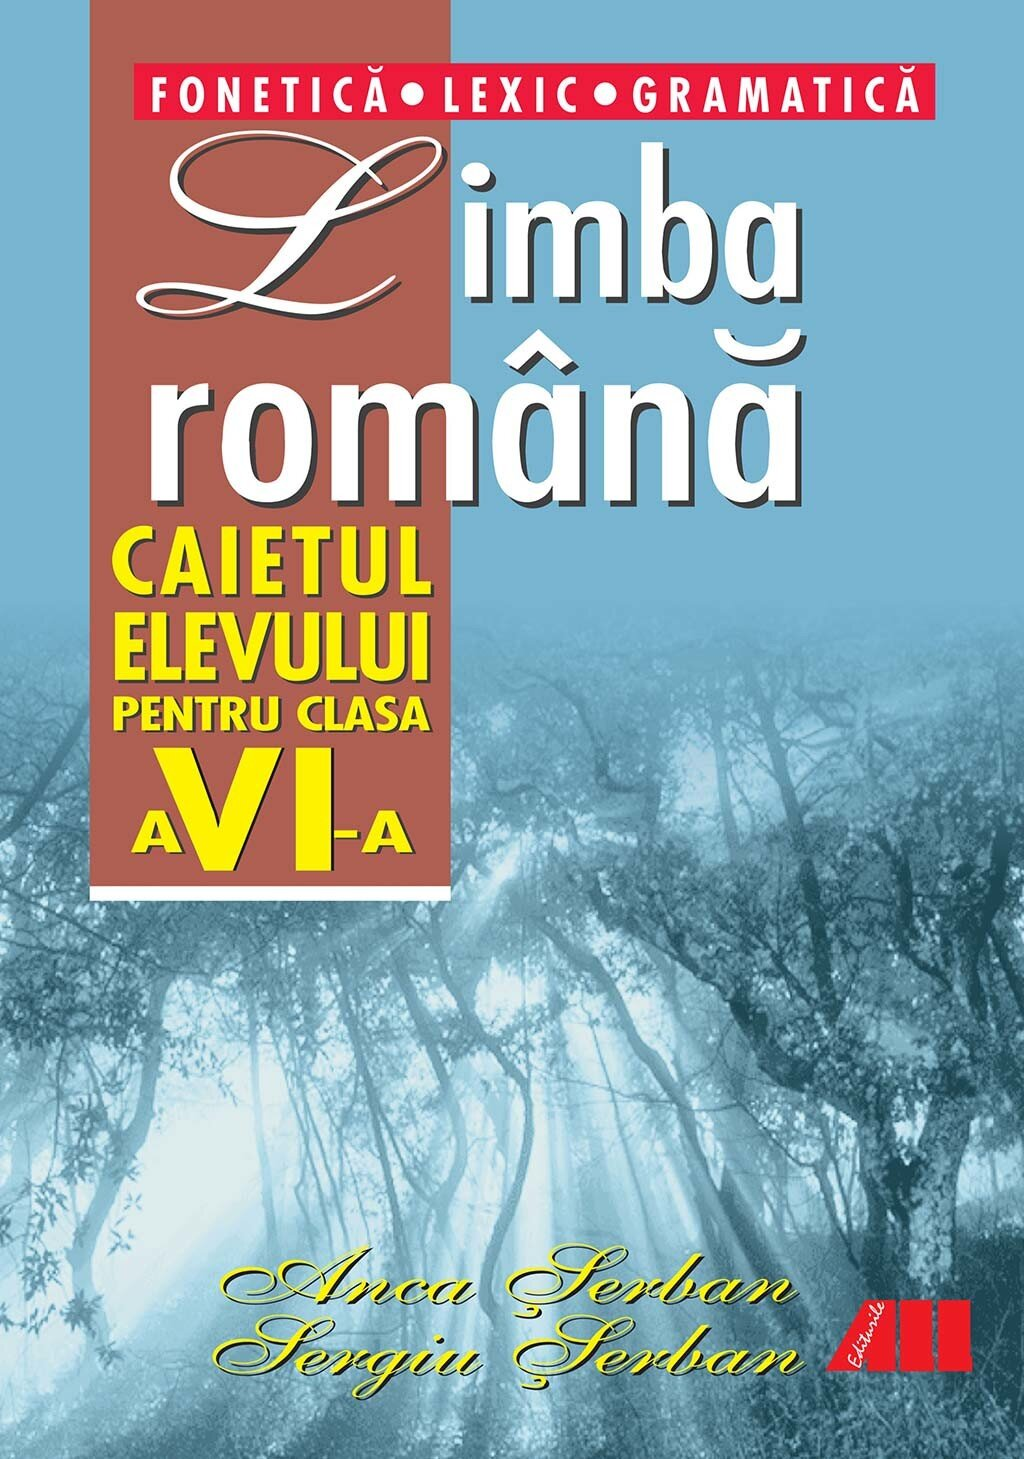 Limba romana. Fonetica, Lexic, Gramatica. Caietul elevului pentru clasa a VI-a (eBook)